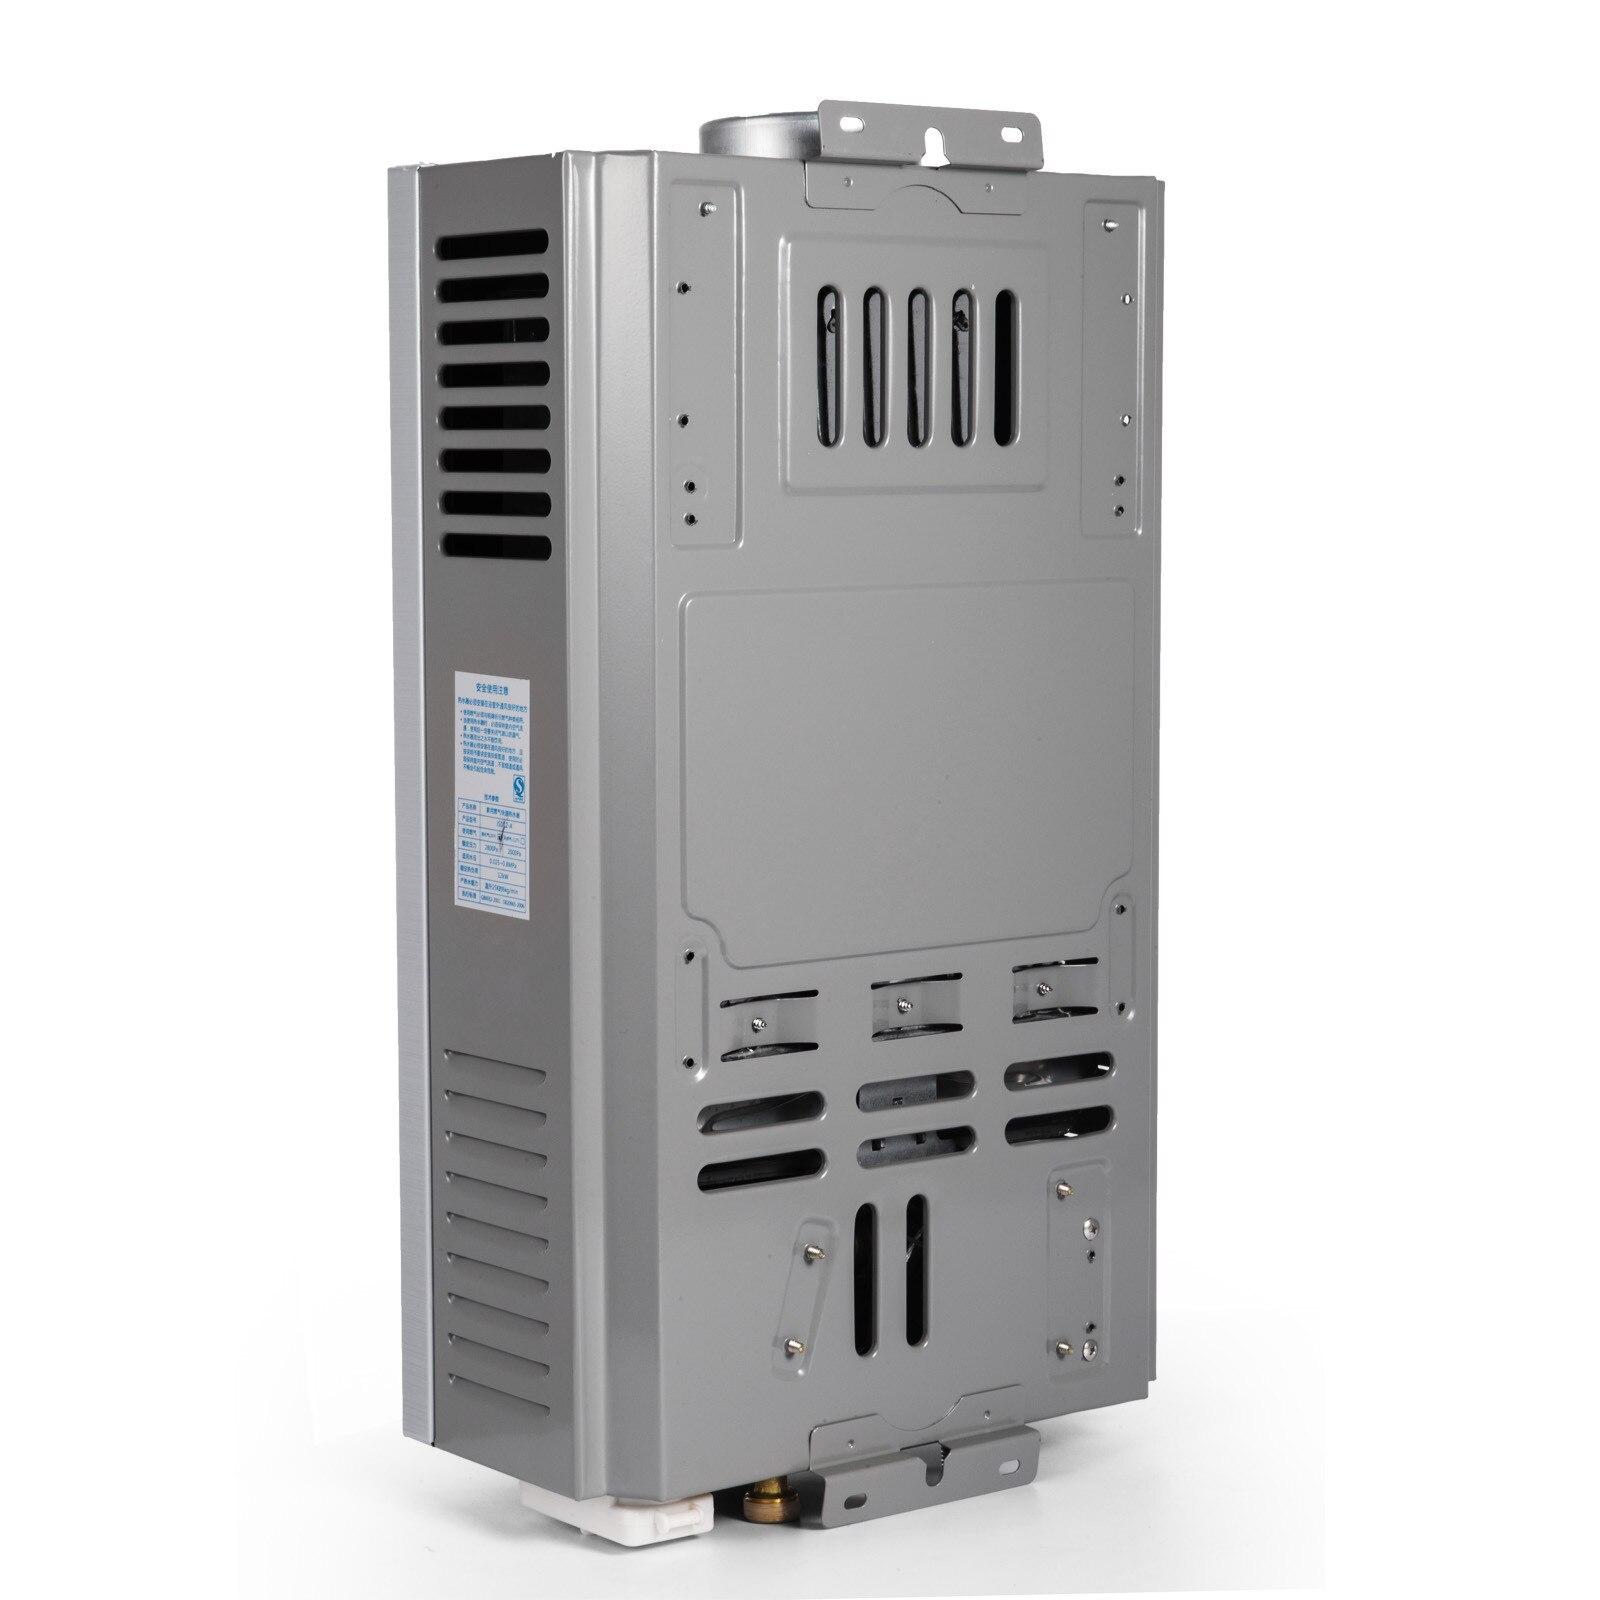 (NZ, AU) livraison gratuite offres spéciales chauffe-eau portable CE Lgp instantané/sans réservoir 6-18L Lpg chauffe-eau Propane inoxydable 2800pa - 2